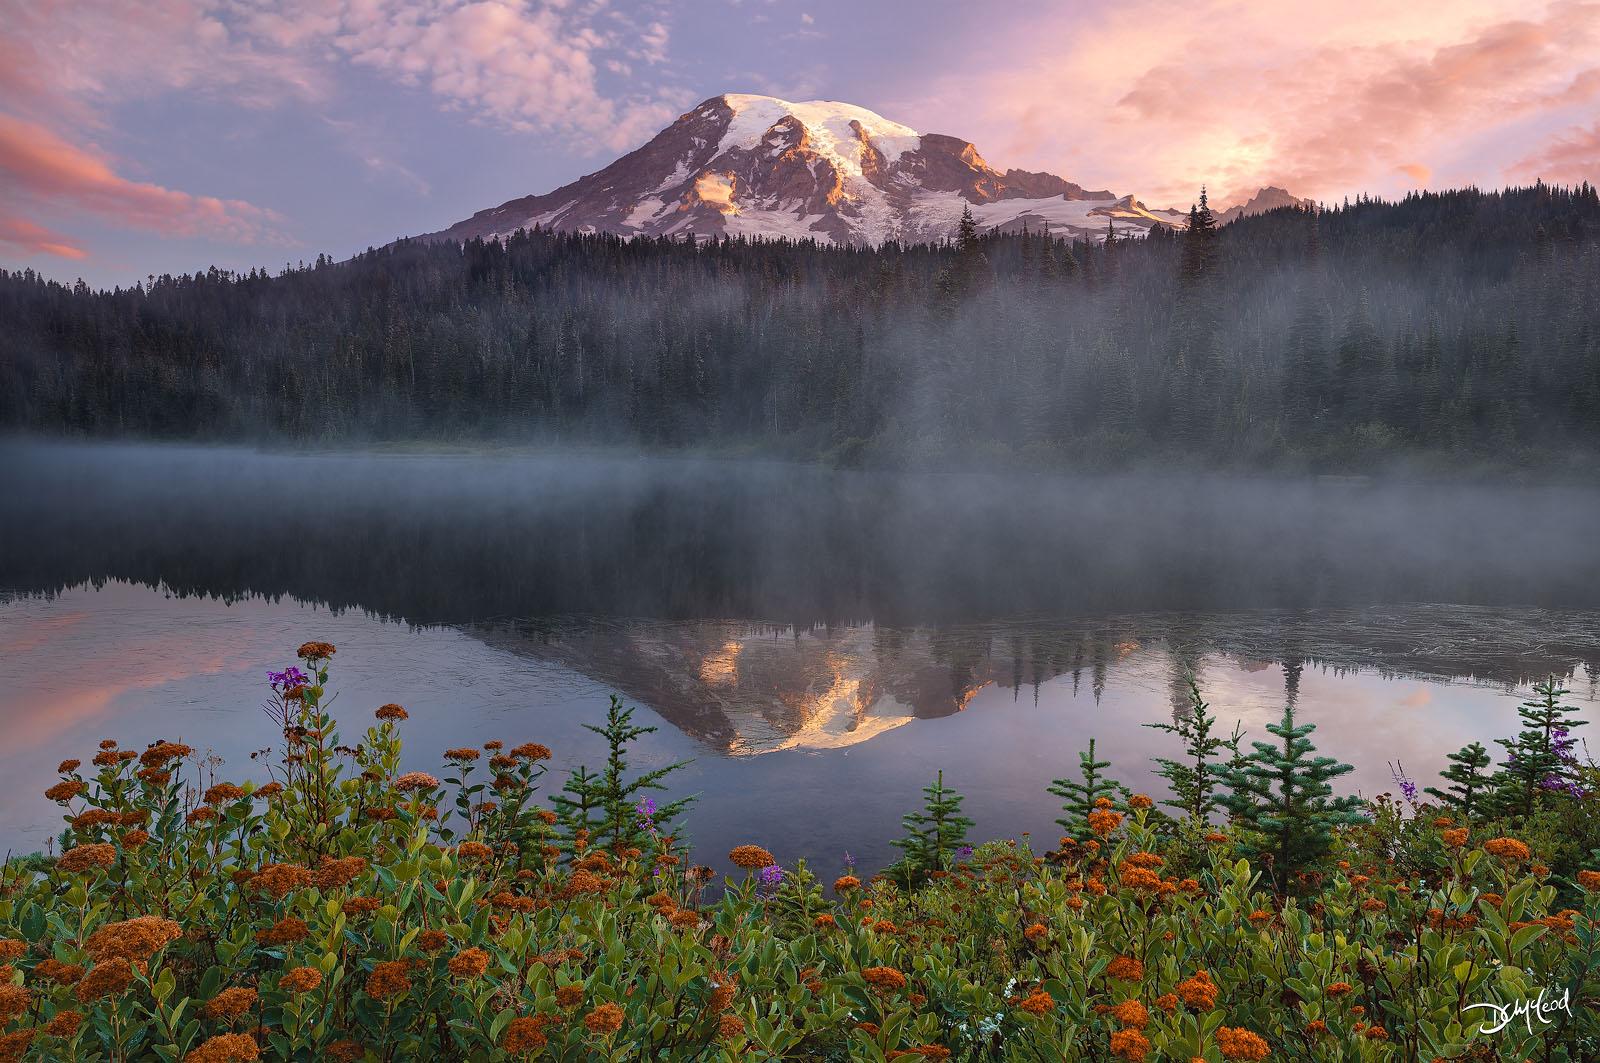 paradise, mount rainier, reflection lake, sunrise, atmosphere, photo